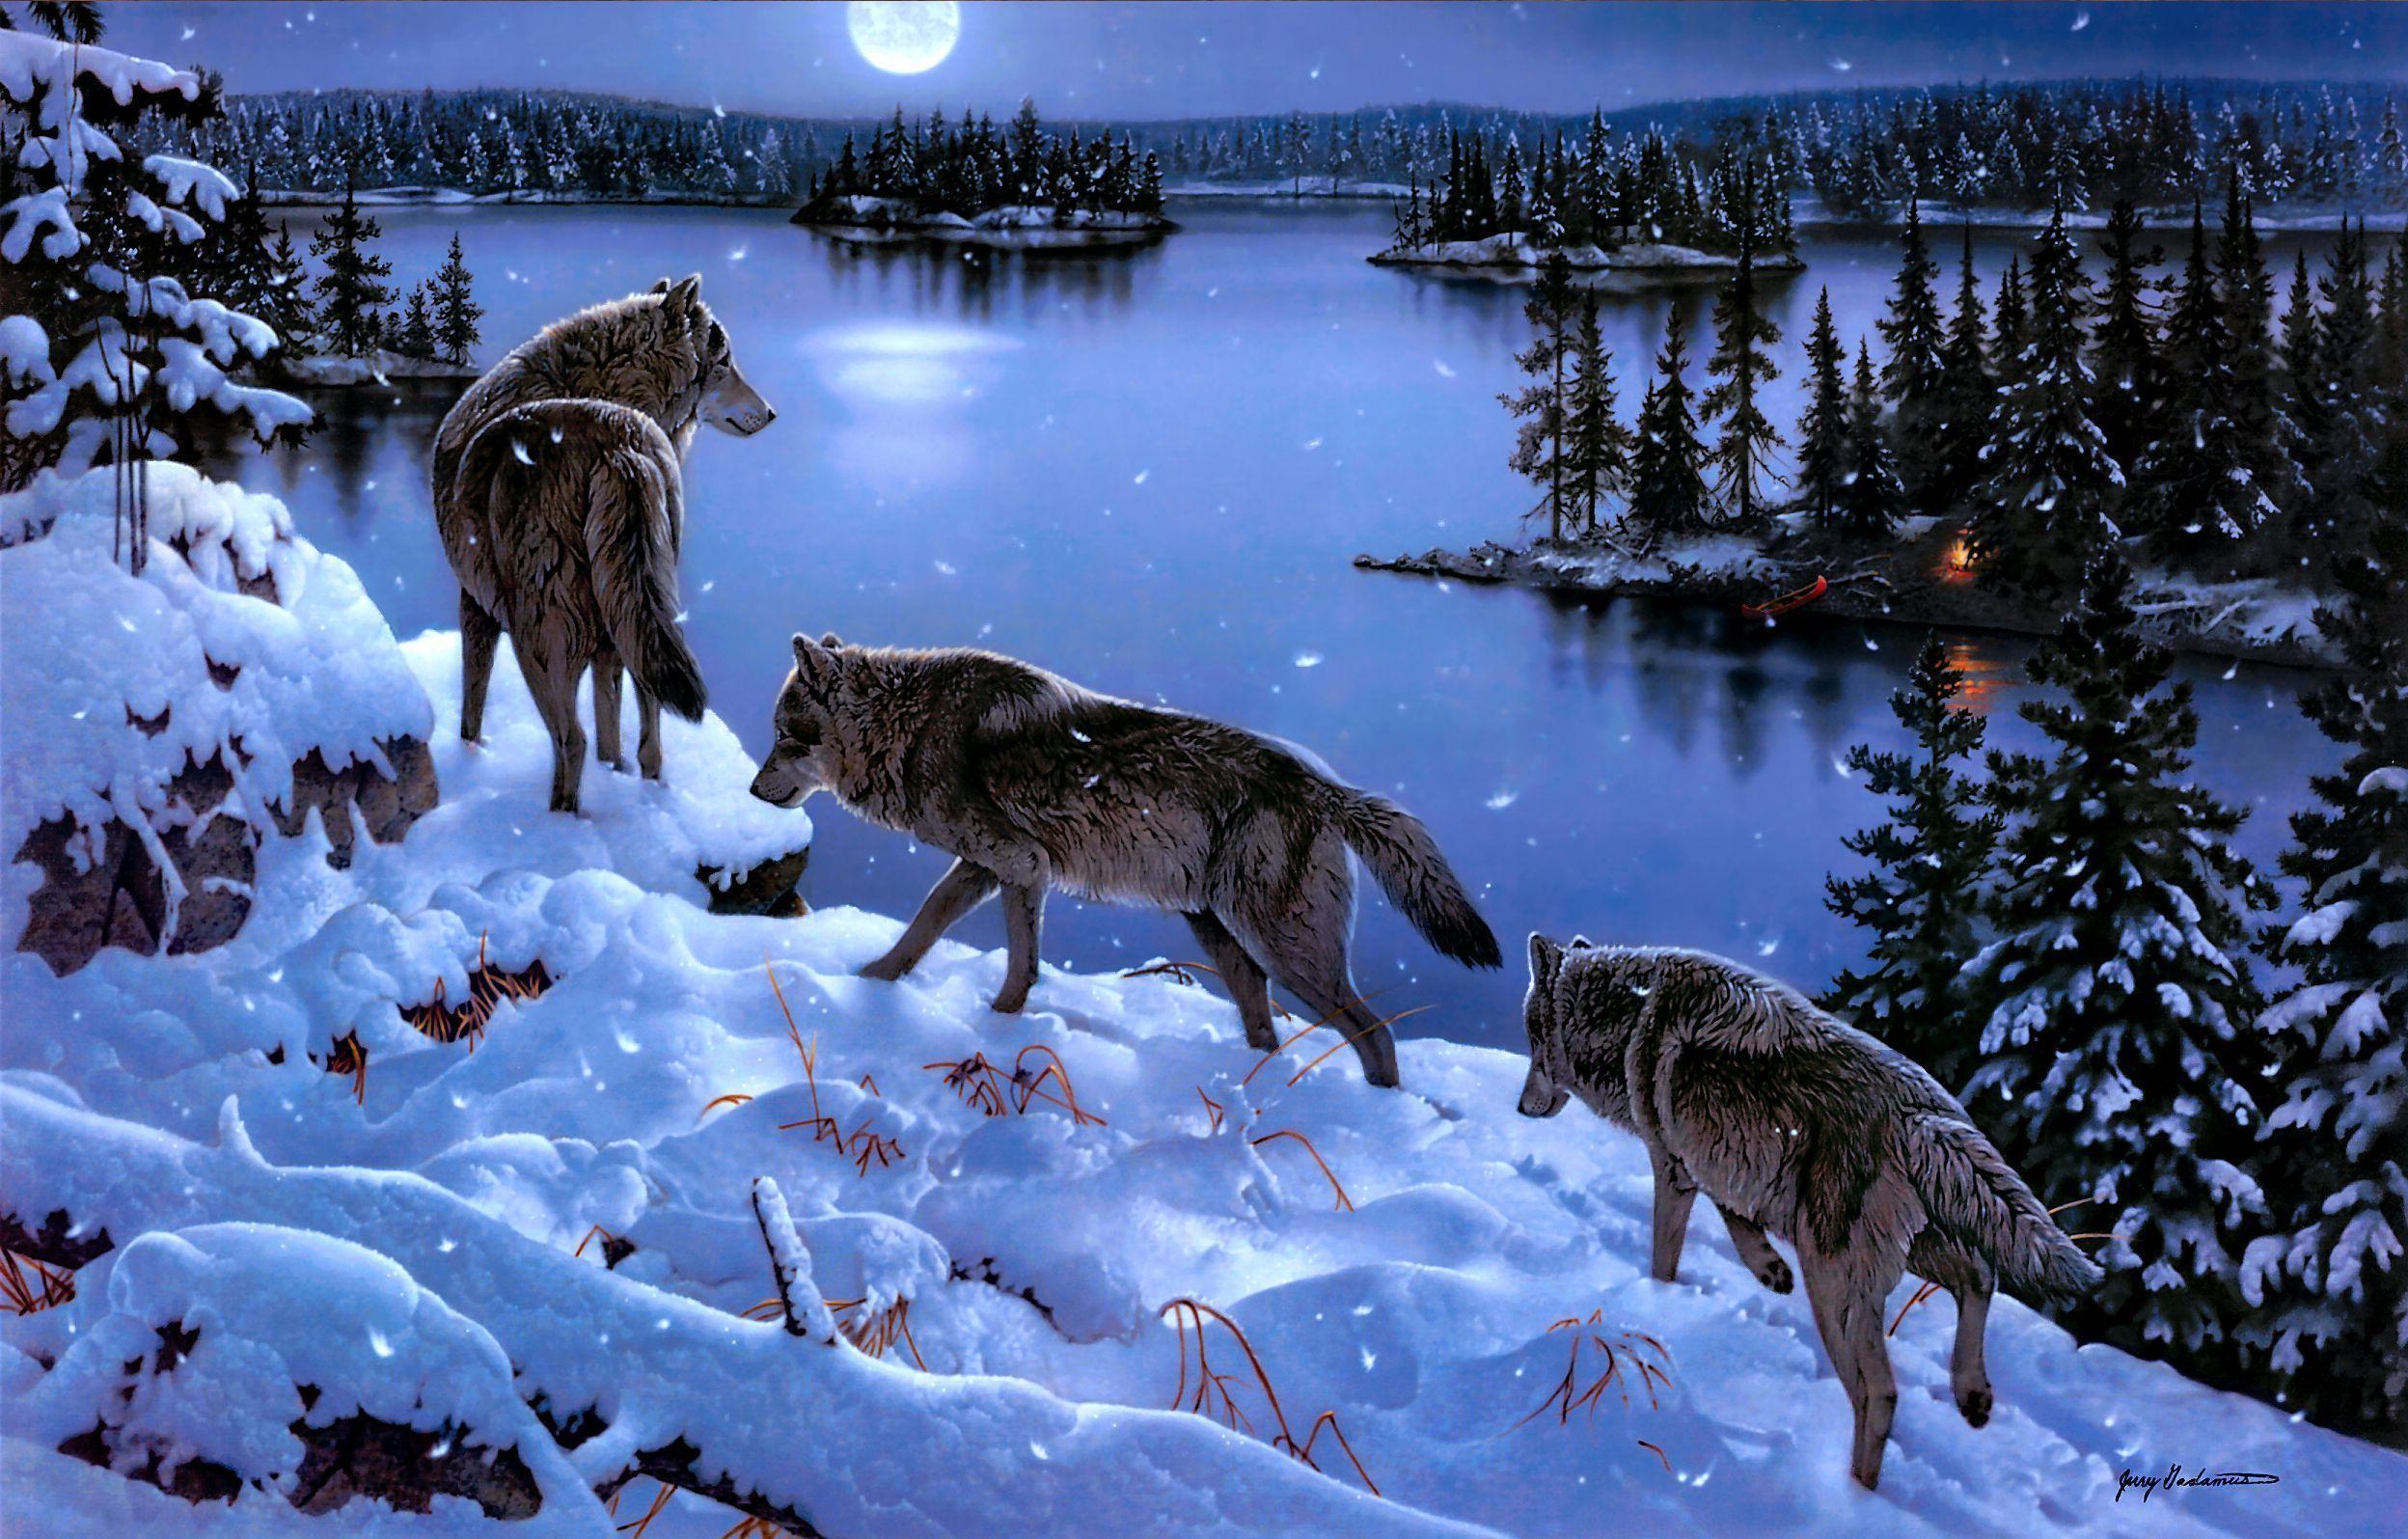 Tải xuống miễn phí 2496x1595 Hình nền chó sói HD